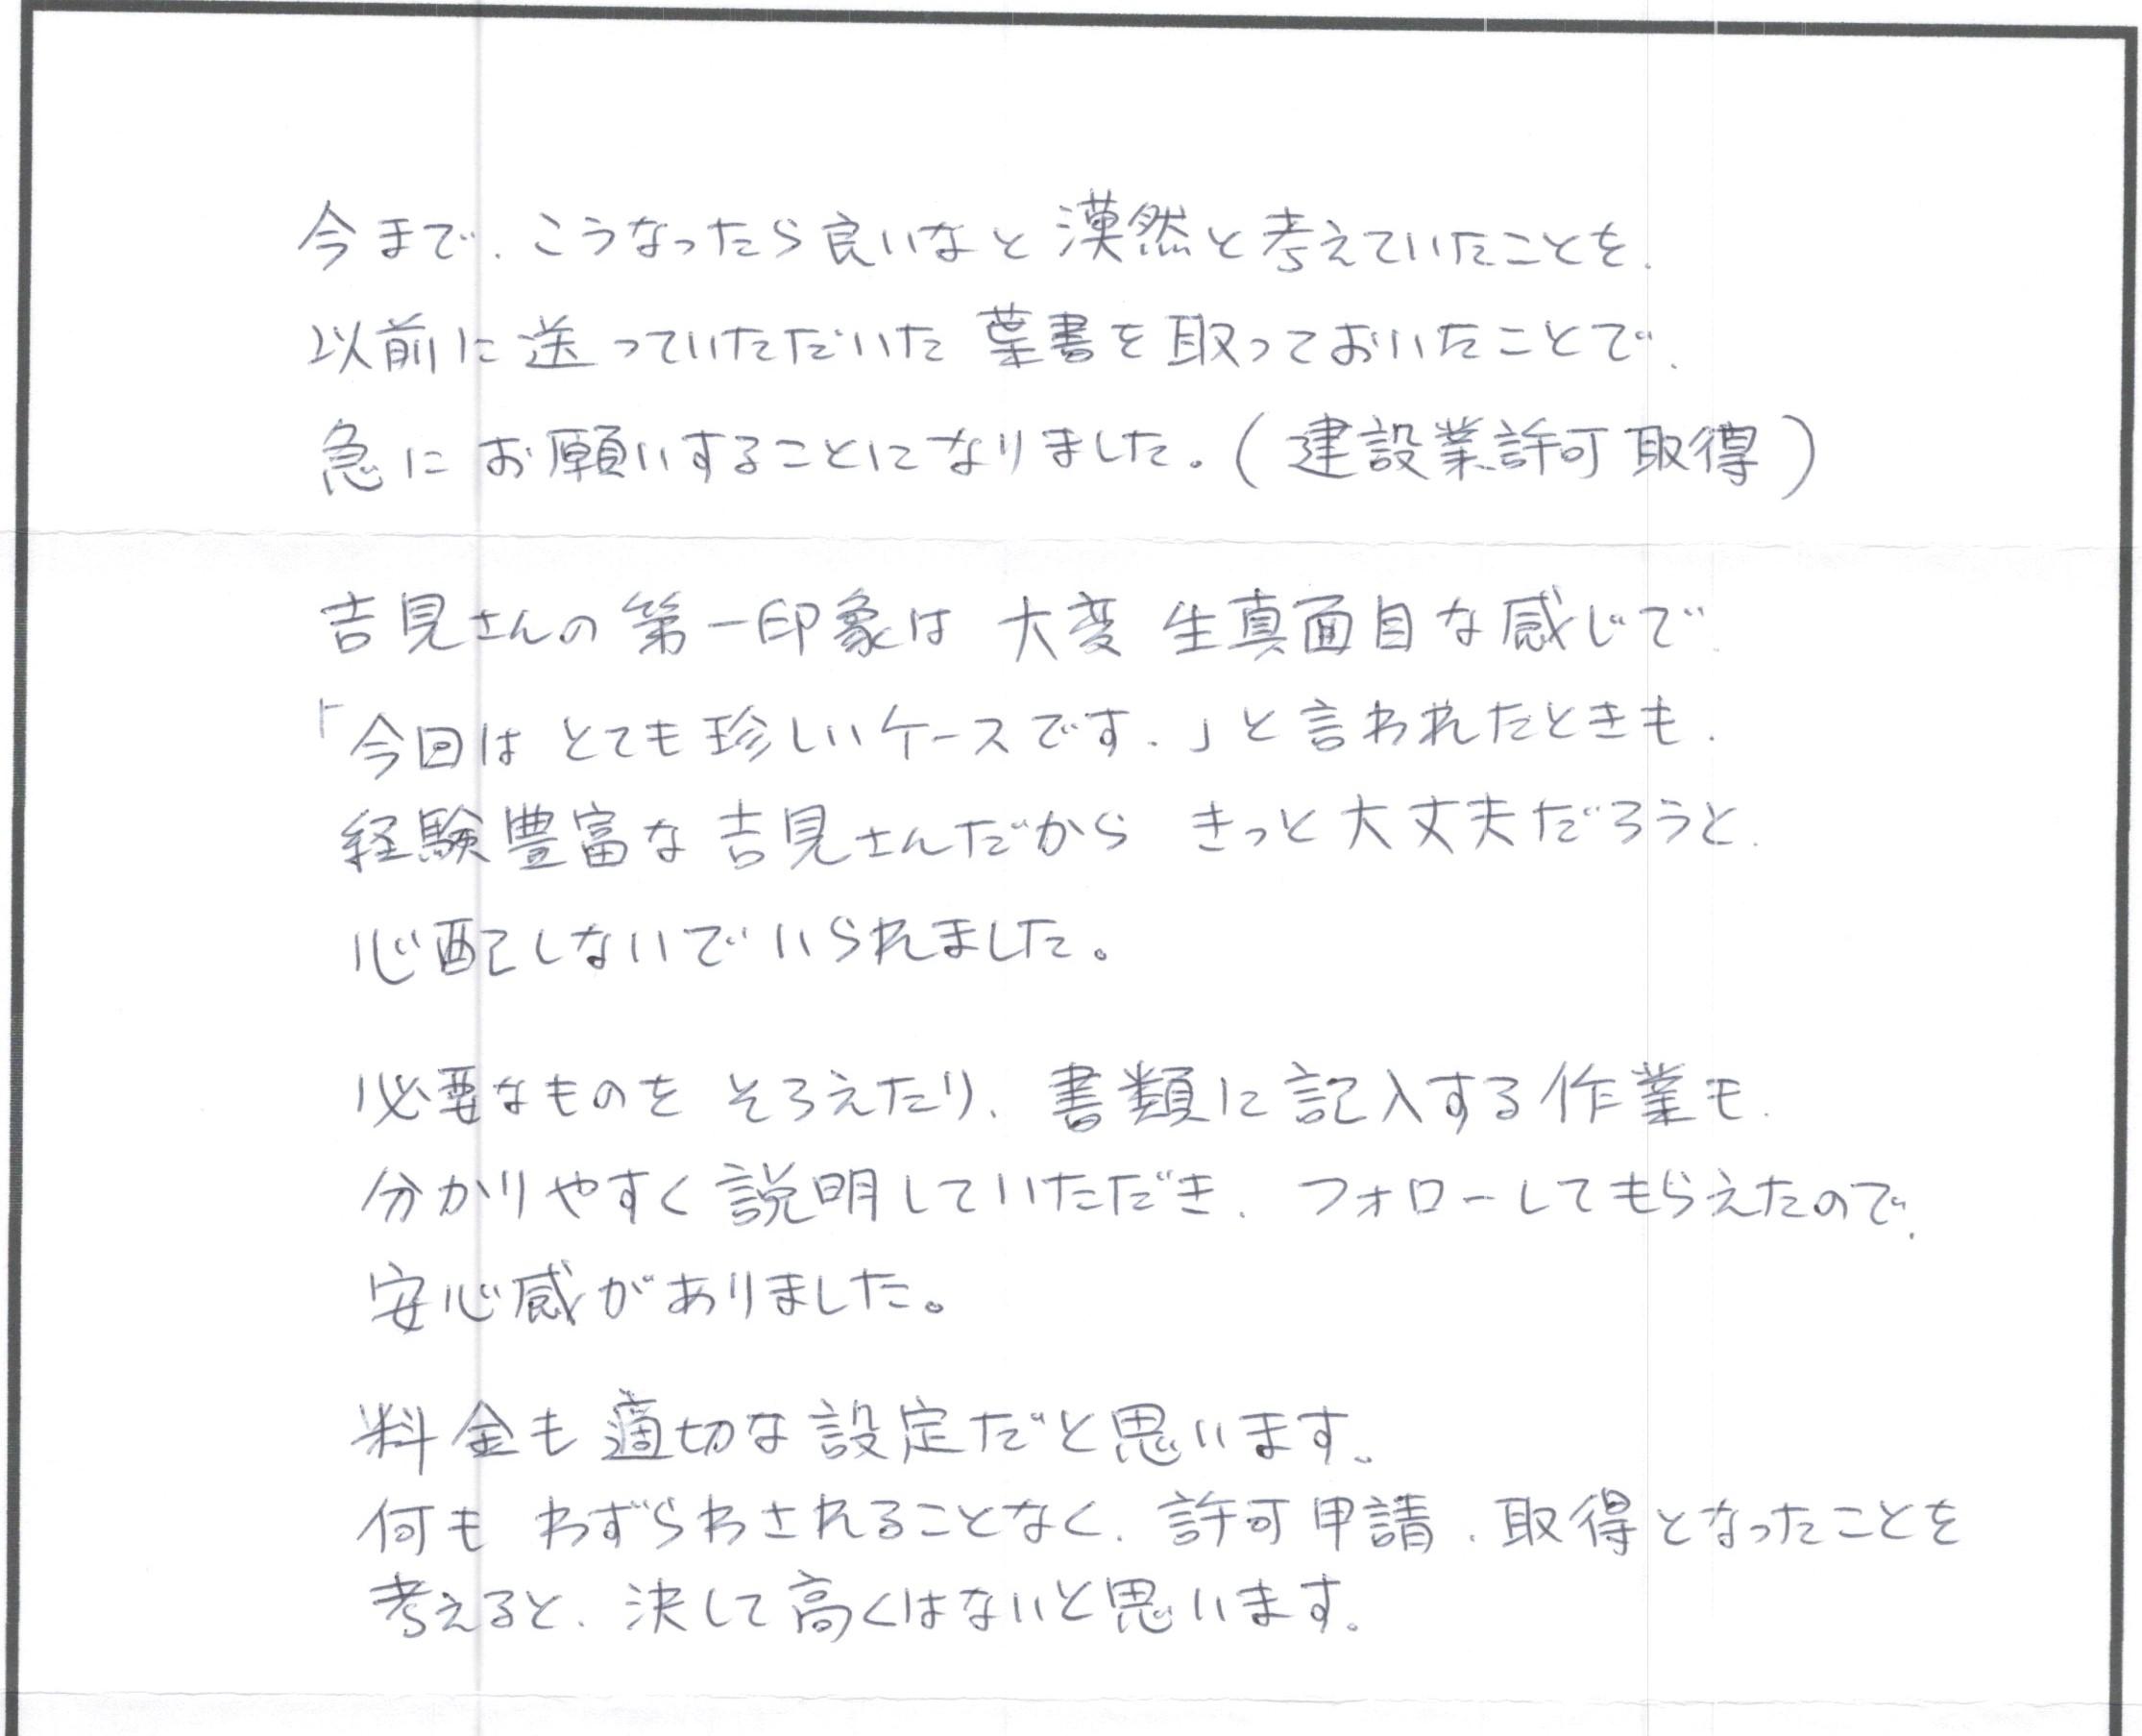 声17(Lei木杢ki)HP用